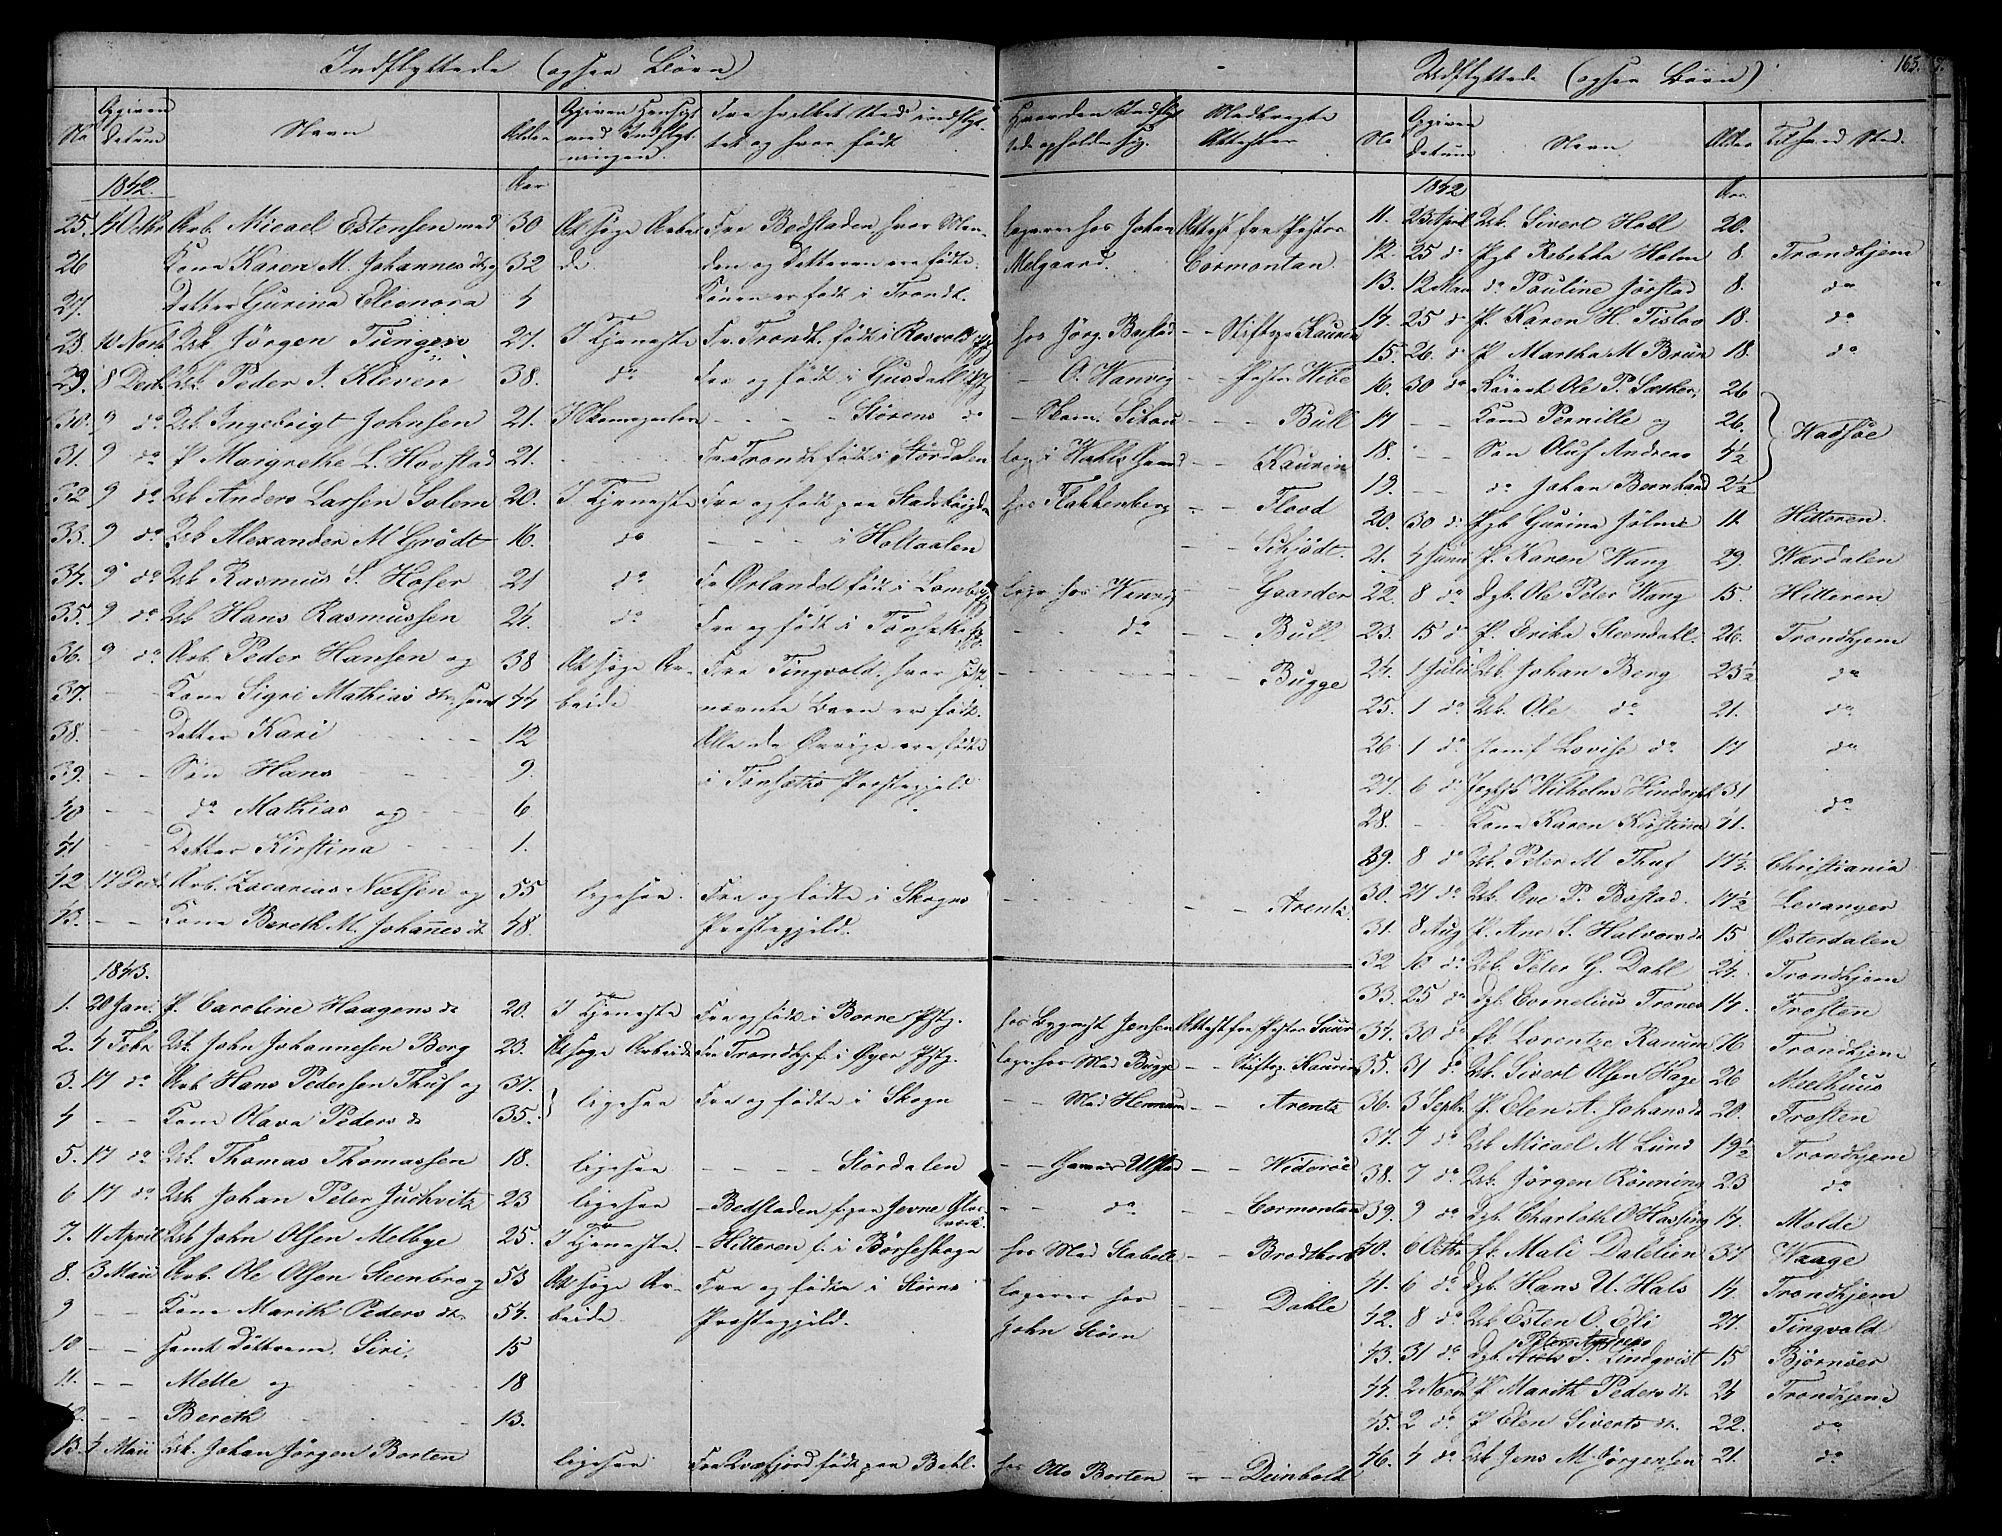 SAT, Ministerialprotokoller, klokkerbøker og fødselsregistre - Sør-Trøndelag, 604/L0182: Ministerialbok nr. 604A03, 1818-1850, s. 163